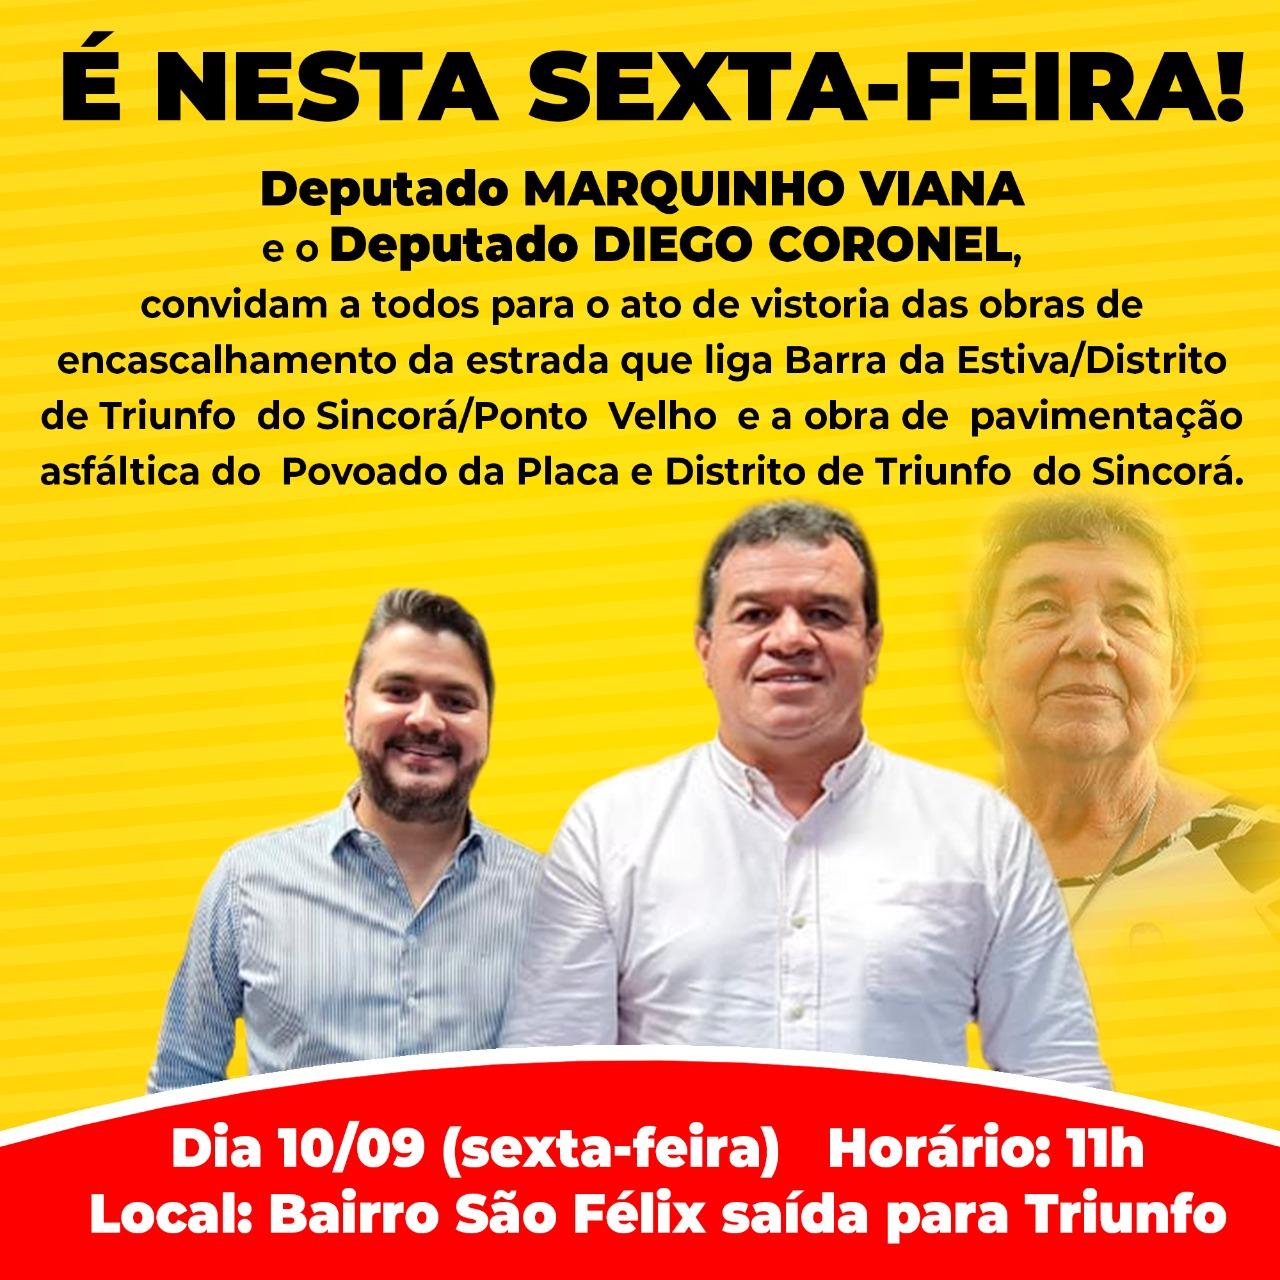 Deputados Marquinho Viana e Diego Coronel convidam para vistoria de obras de rodovias